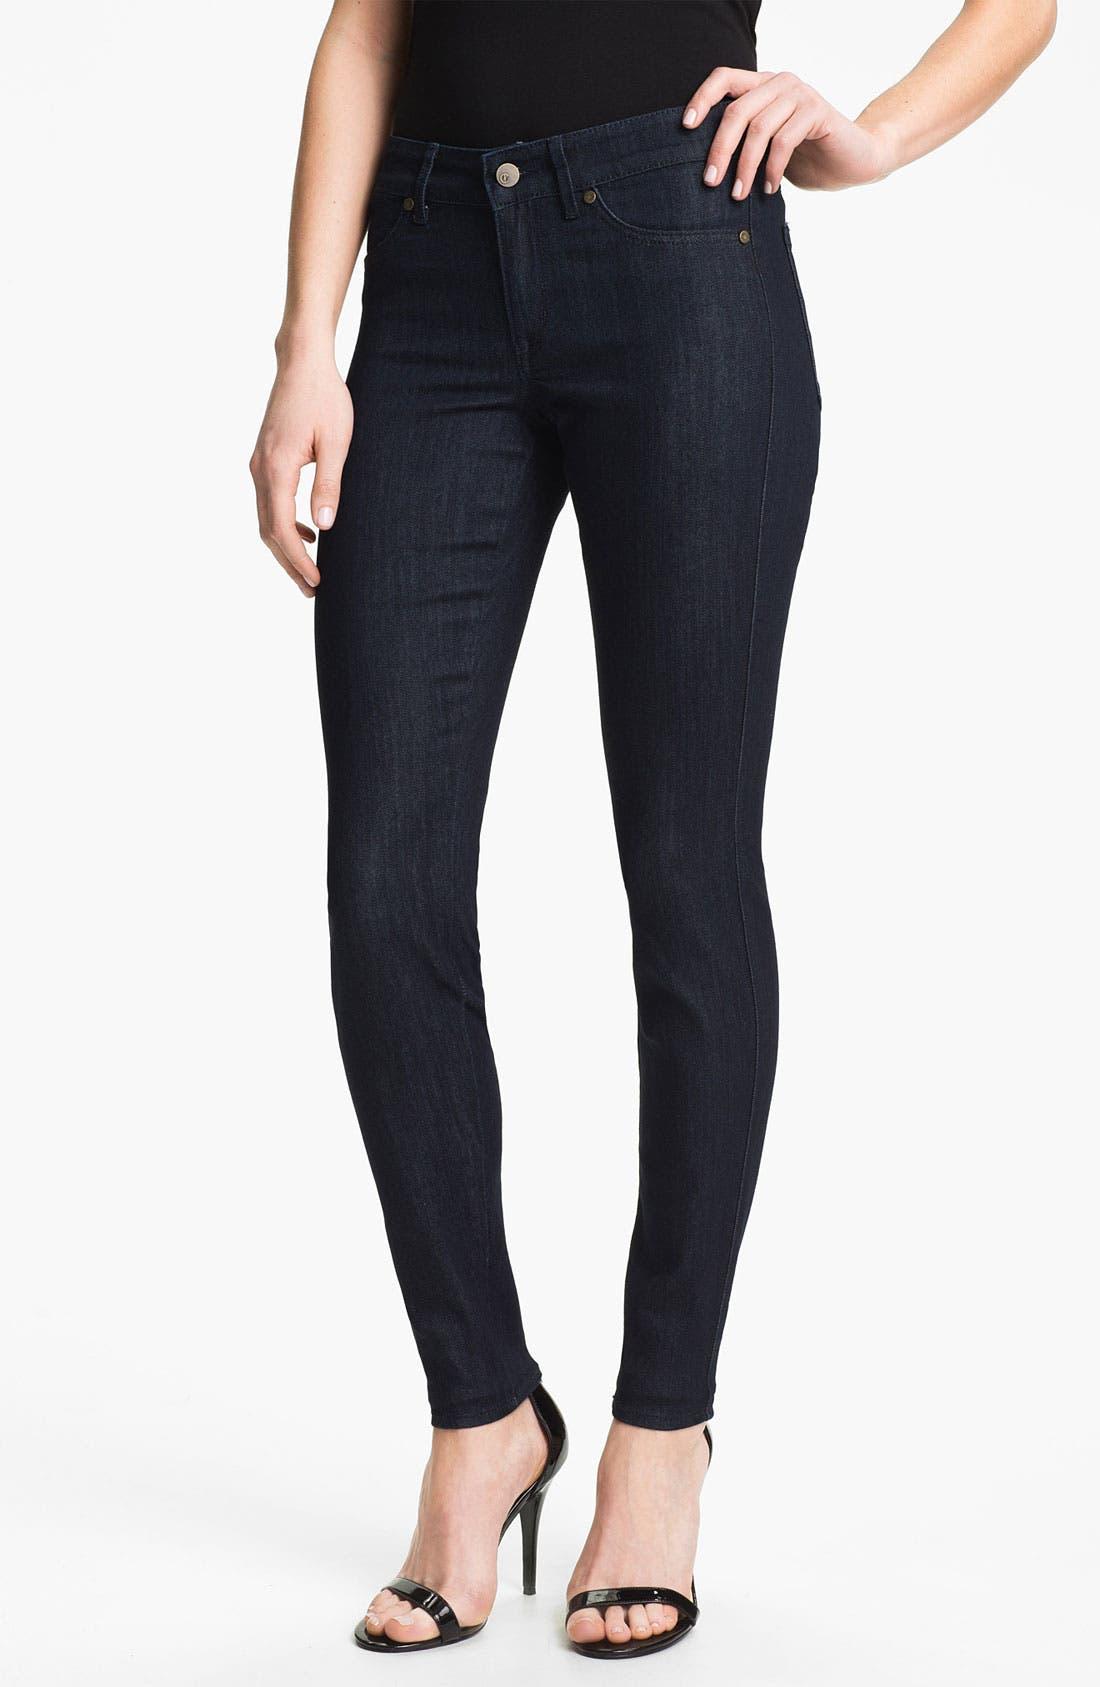 Main Image - CJ by Cookie Johnson 'Joy' Stretch Skinny Jeans